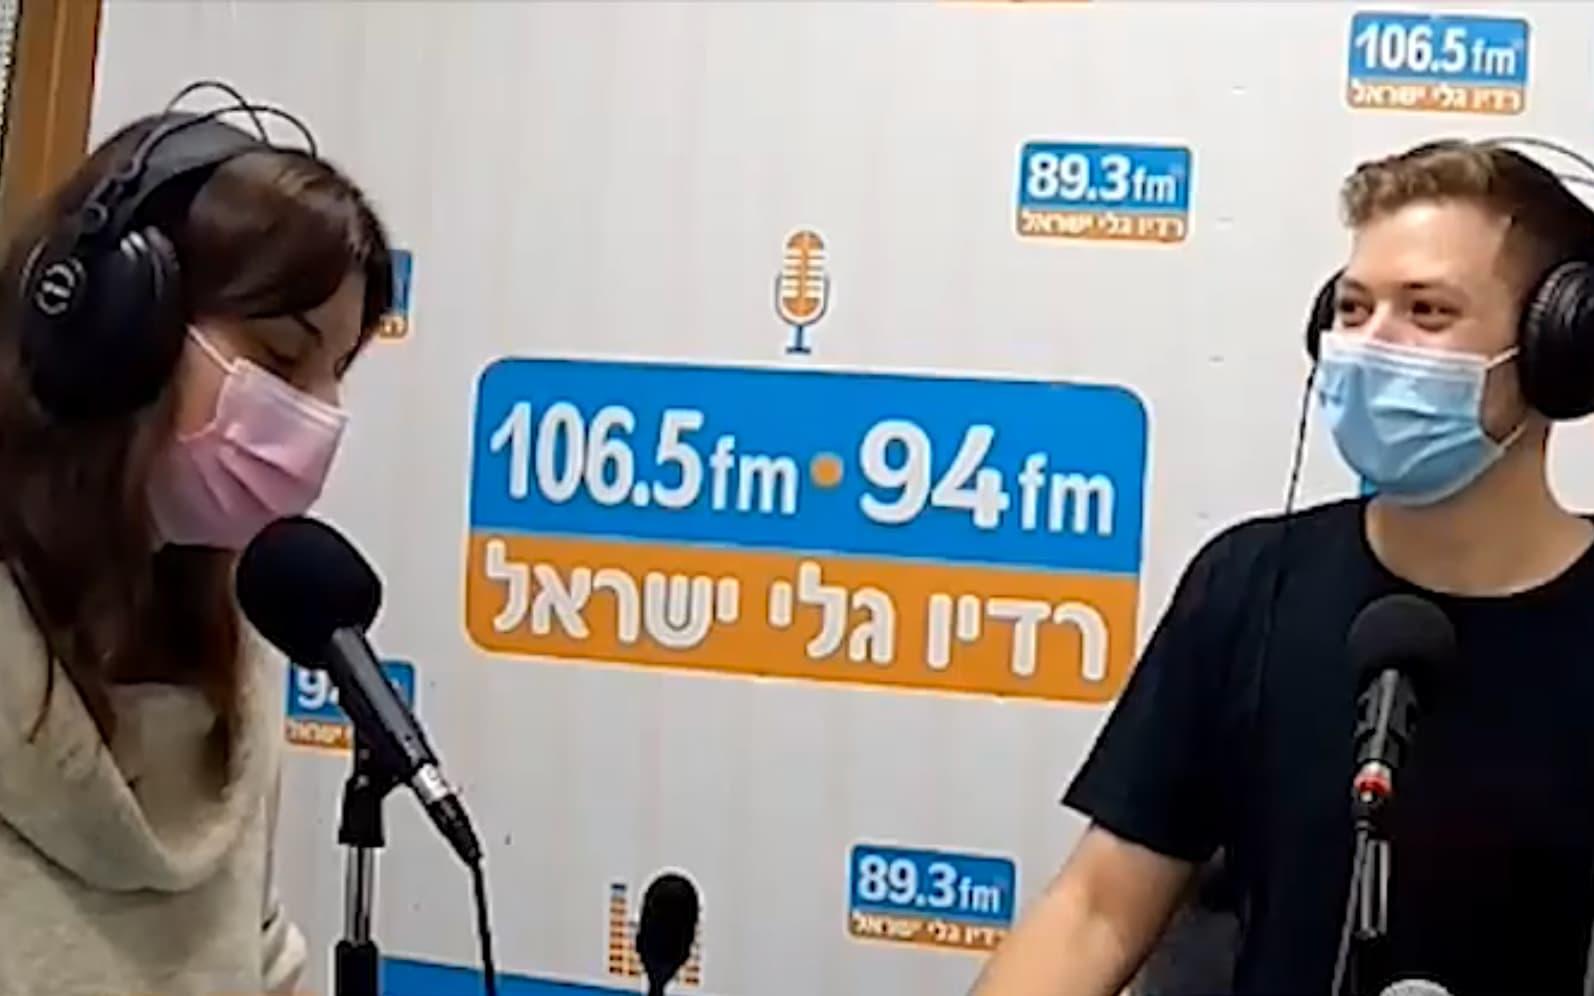 יאיר נתניהו ויערה זרד מגישים תוכנית בגלי ישראל (צילום: צילום מסך)